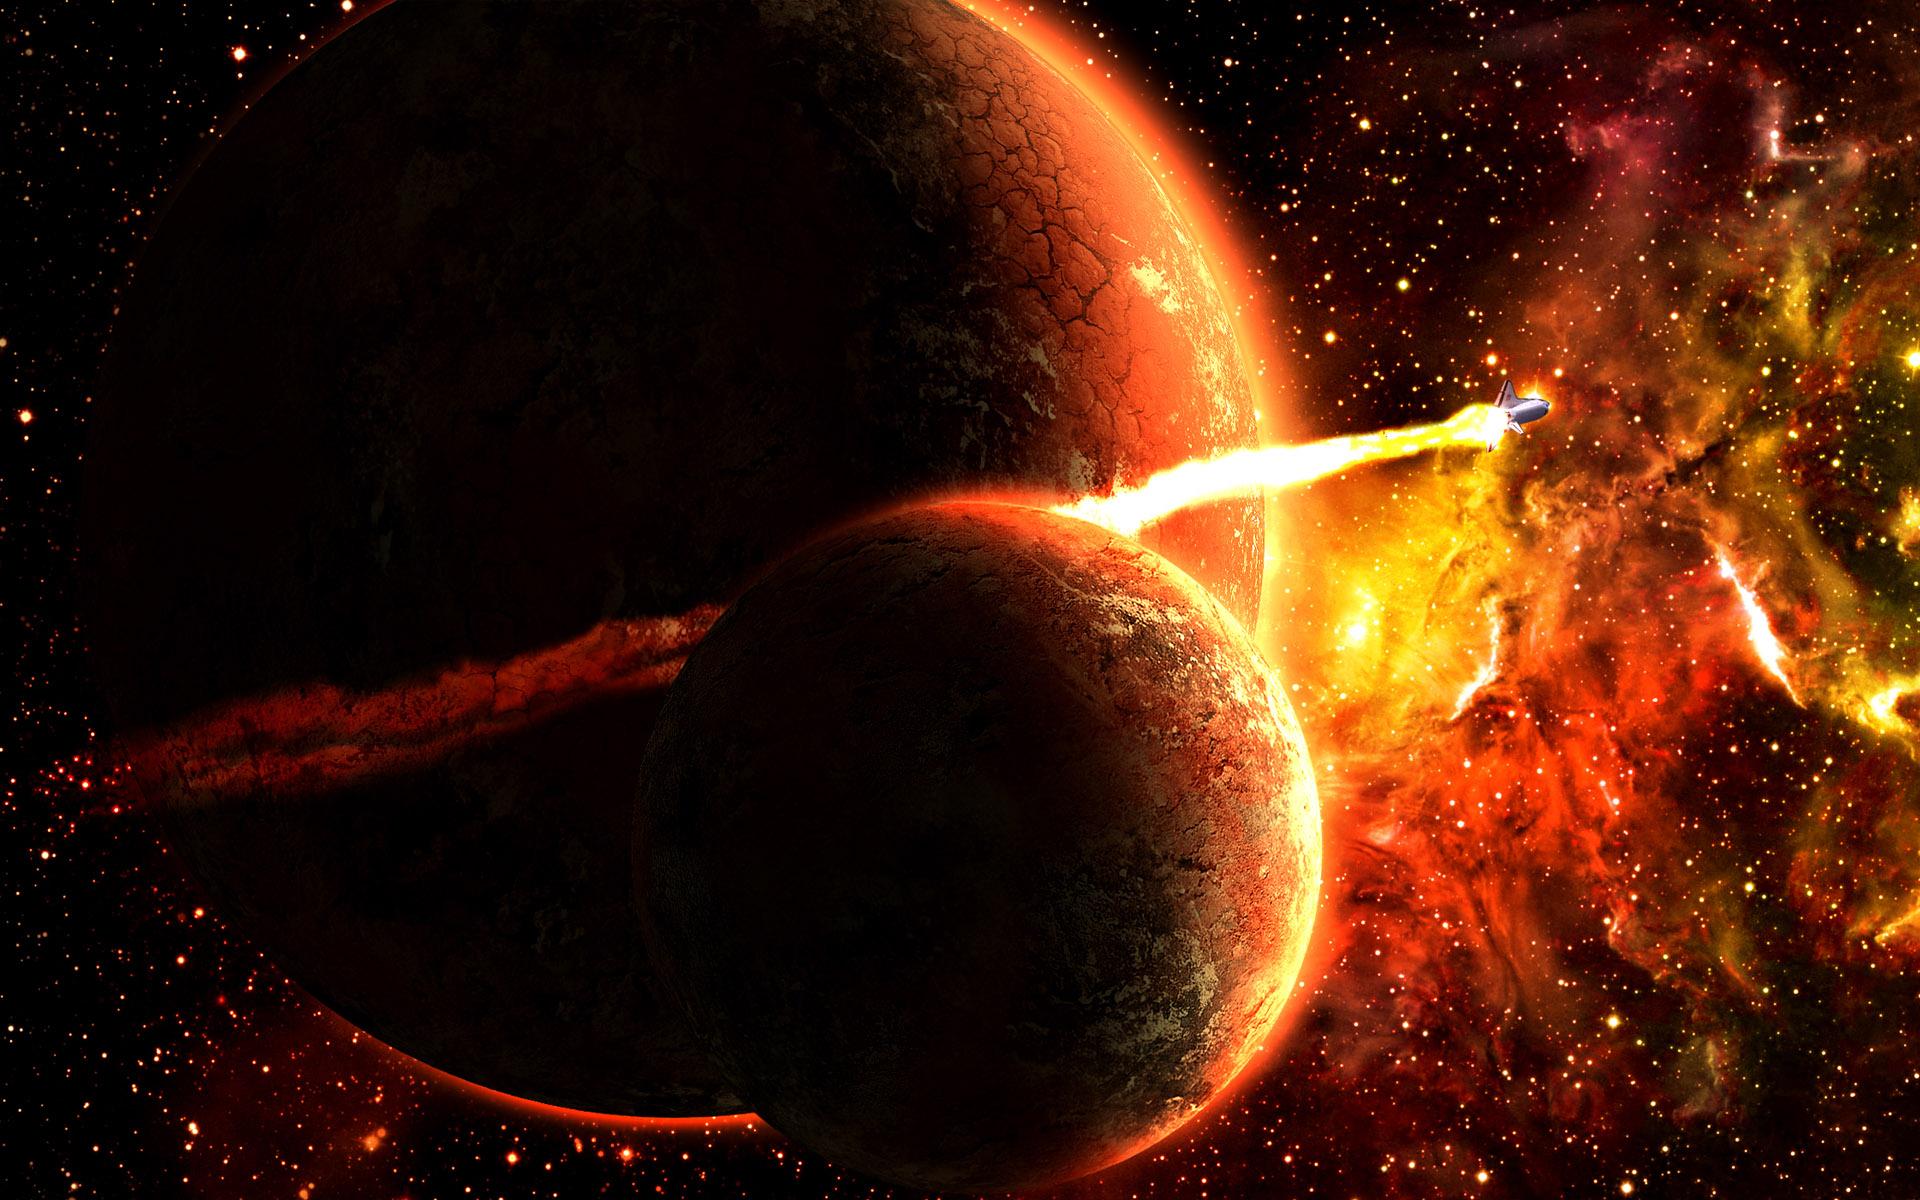 космос, планеты, взрыв, звезды